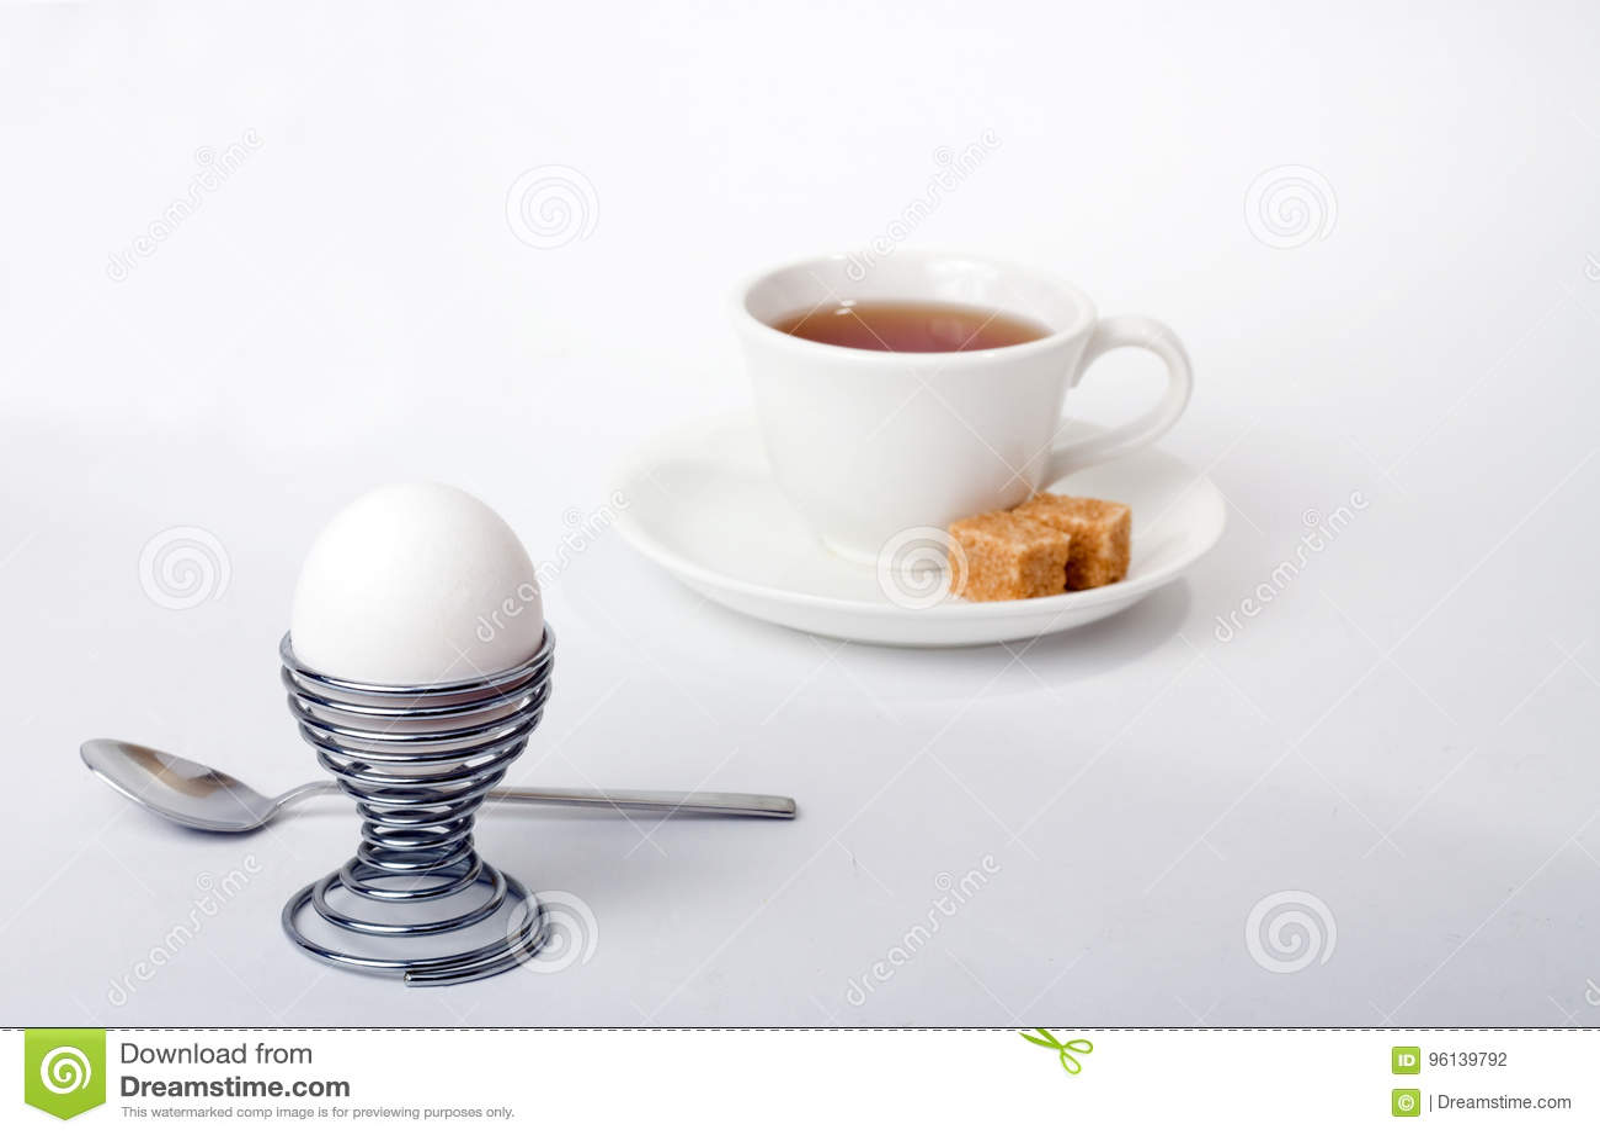 Frühstück auf Weiß